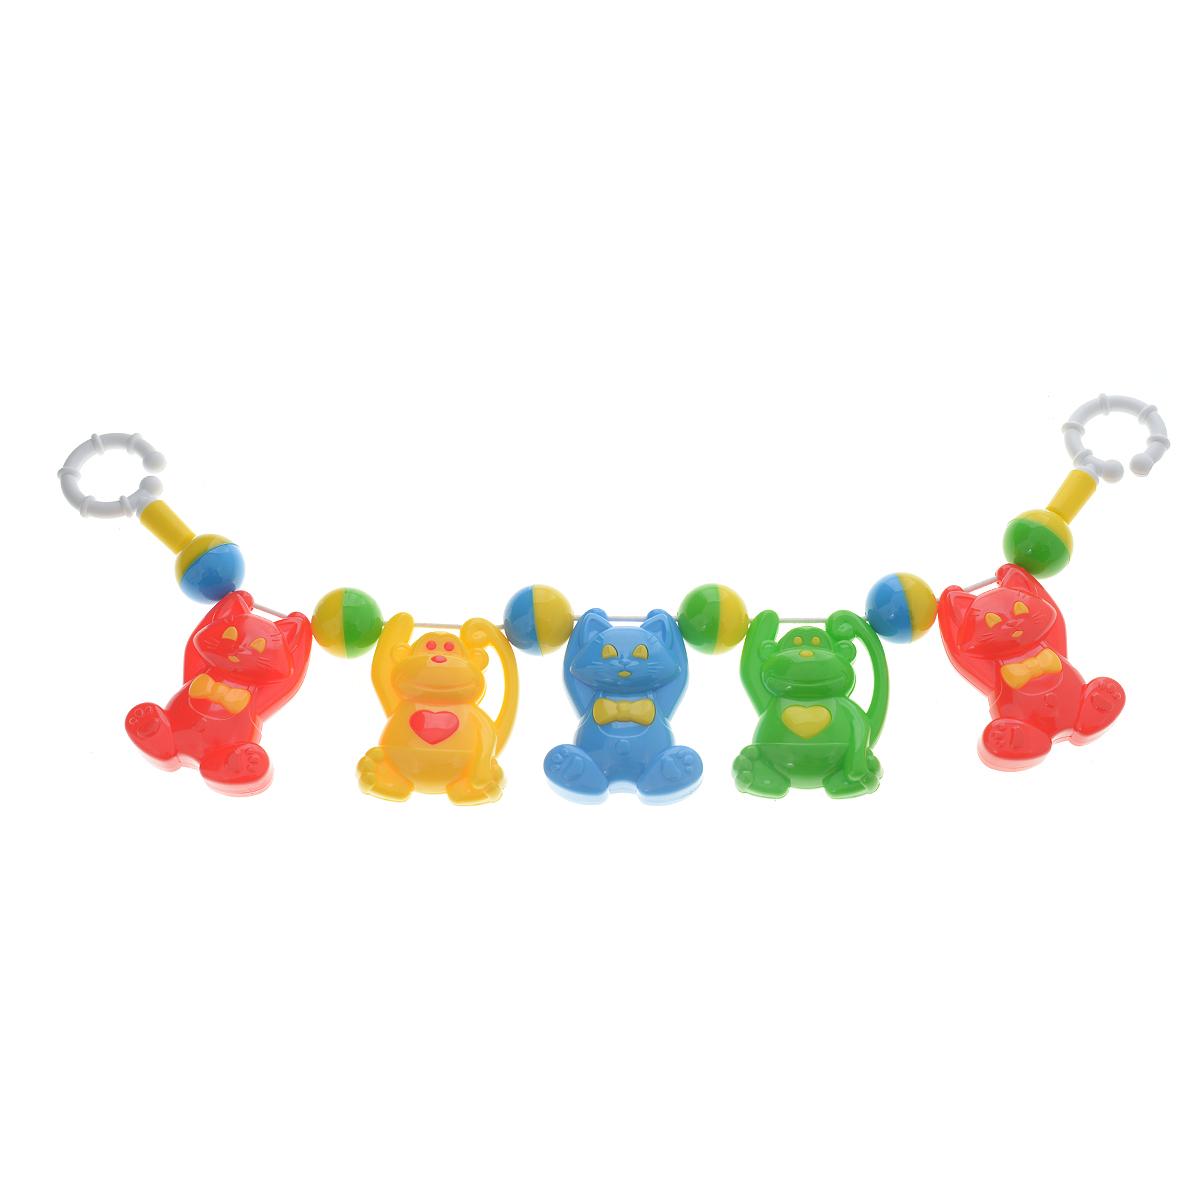 Погремушка подвеска на коляску Stellar-котята/обезьянки01516Яркая красочная погремушка Stellar, непременно, привлечет внимание вашего малыша и не позволит ему скучать. Погремушка представляет собой пять разноцветных зверушек, прикрепленных к резинке. На концах резинки расположены разъемные кольца, при помощи которых погремушку удобно крепить. Погремушка поможет вашему малышу познакомиться с основными цветами и развить мелкую моторику рук и координацию движений.